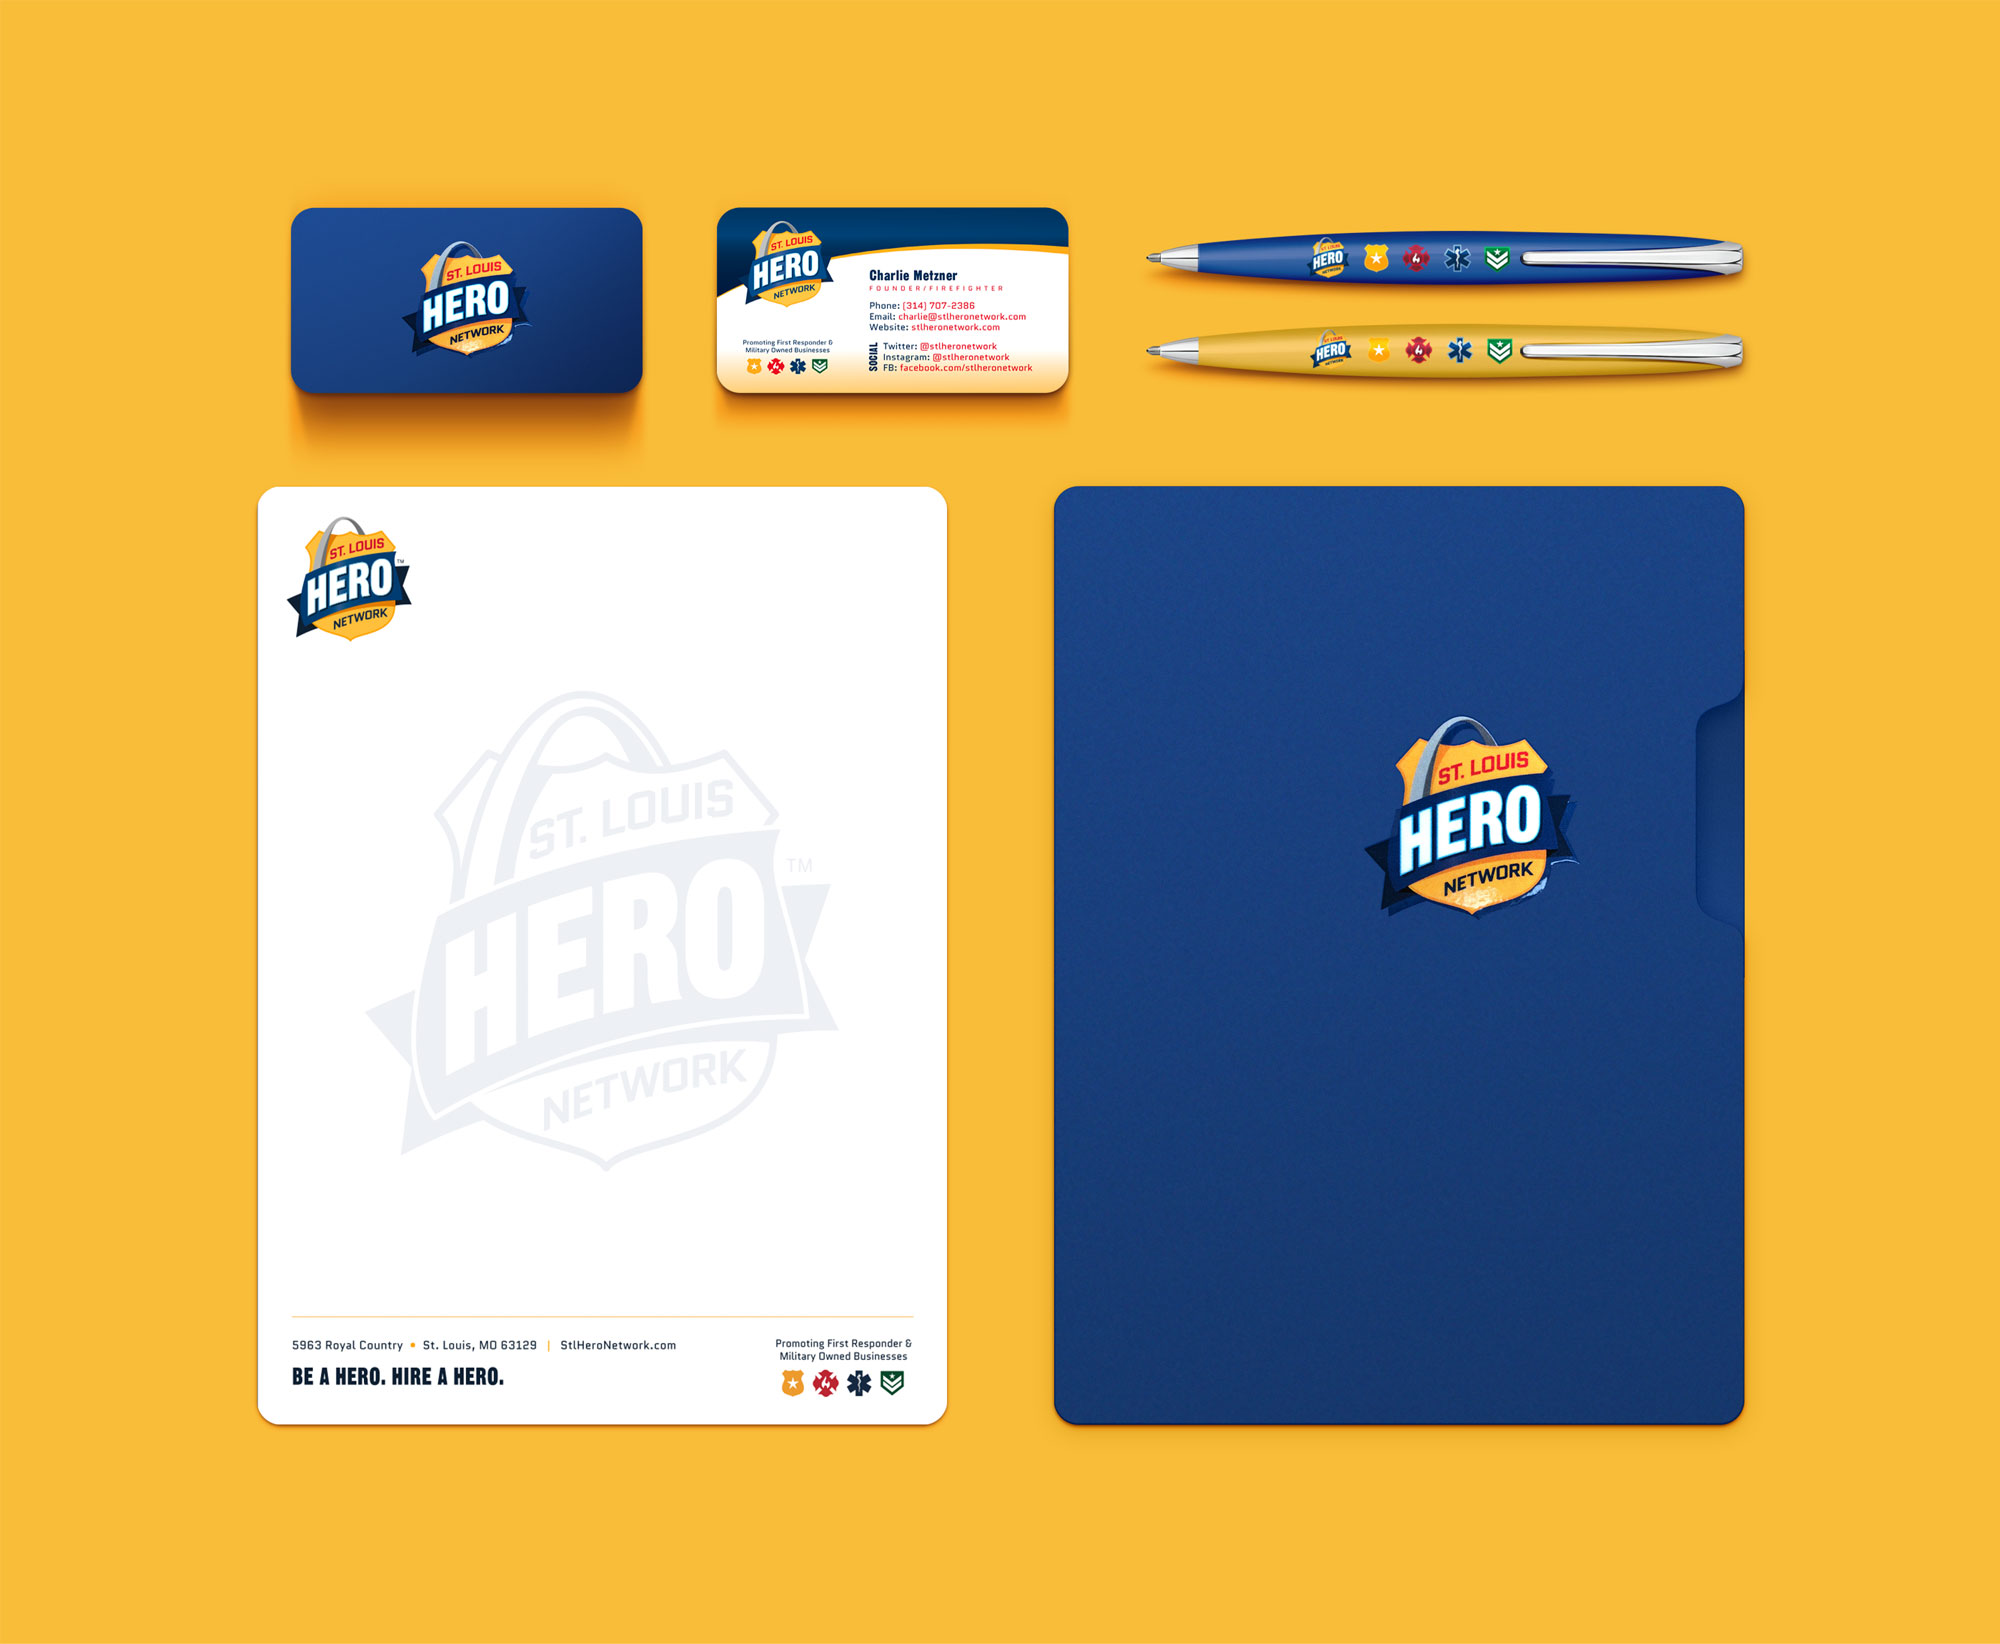 hero-identity-design